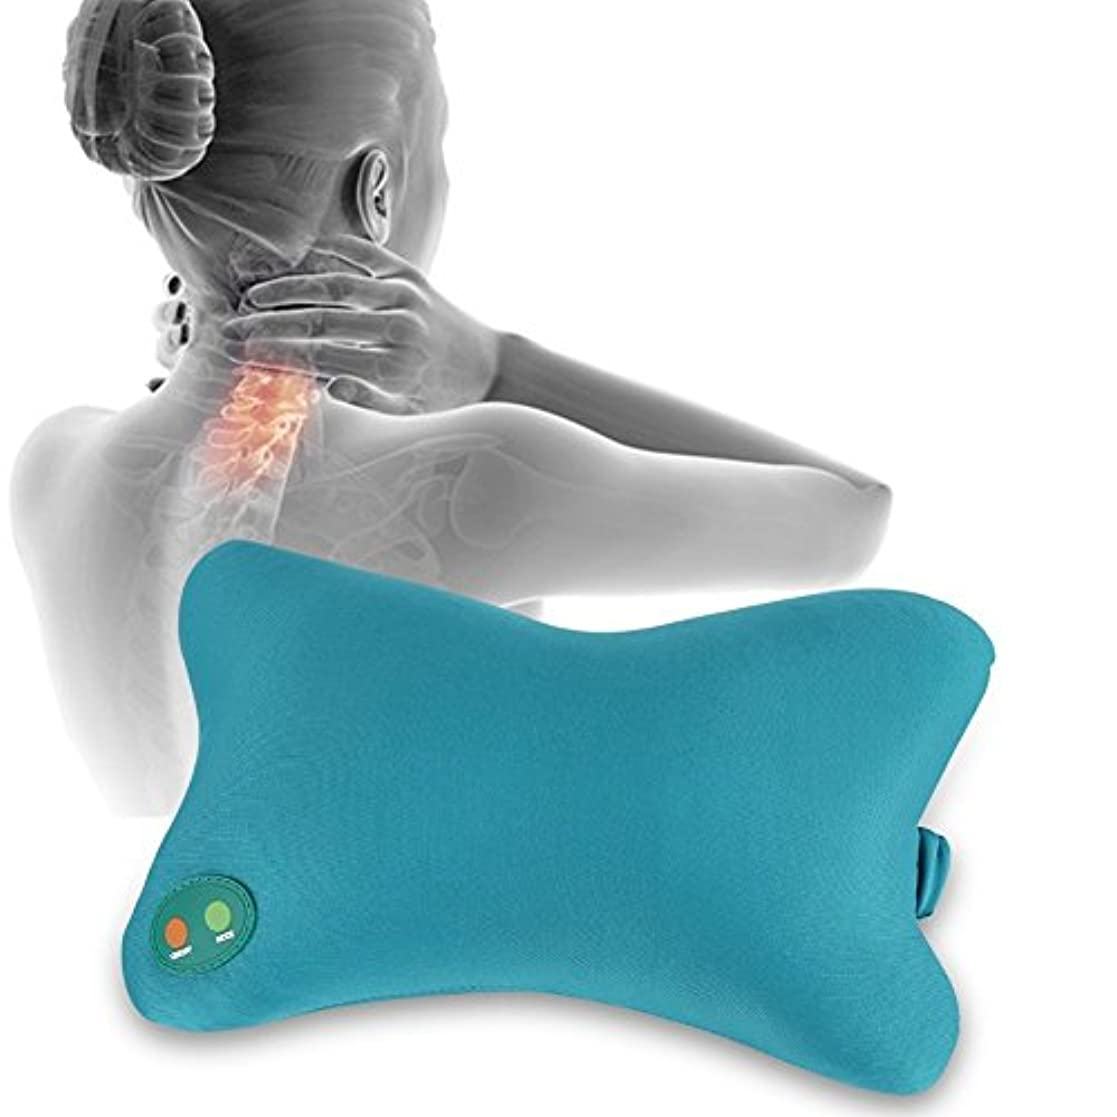 本を読む被るベーシックマッサージピロー、背中の痛みを軽減するための柔らかい電気ネックマッサージの刺激のクッション車のオフィスホームナップの使用、CEの承認